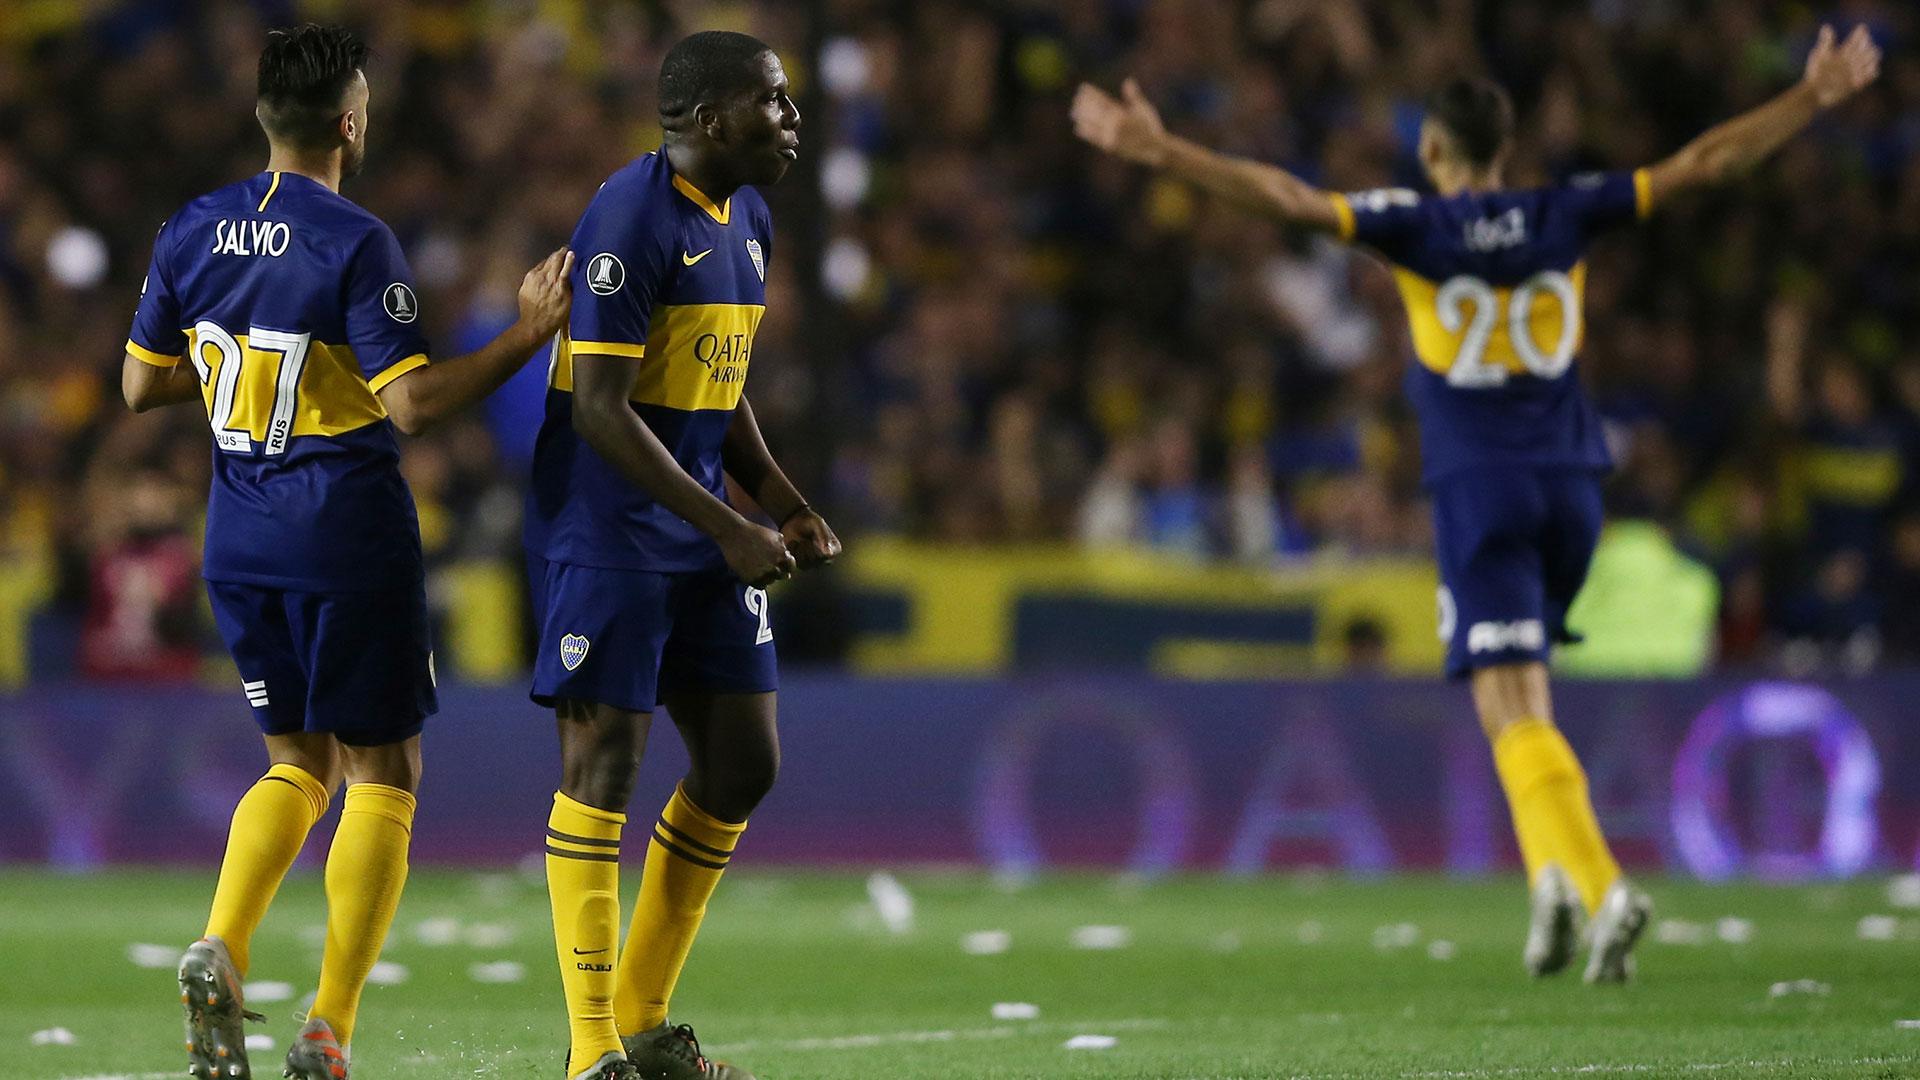 Pese al gol del venezolano, el Xeneize no pudo dar vuelta la serie